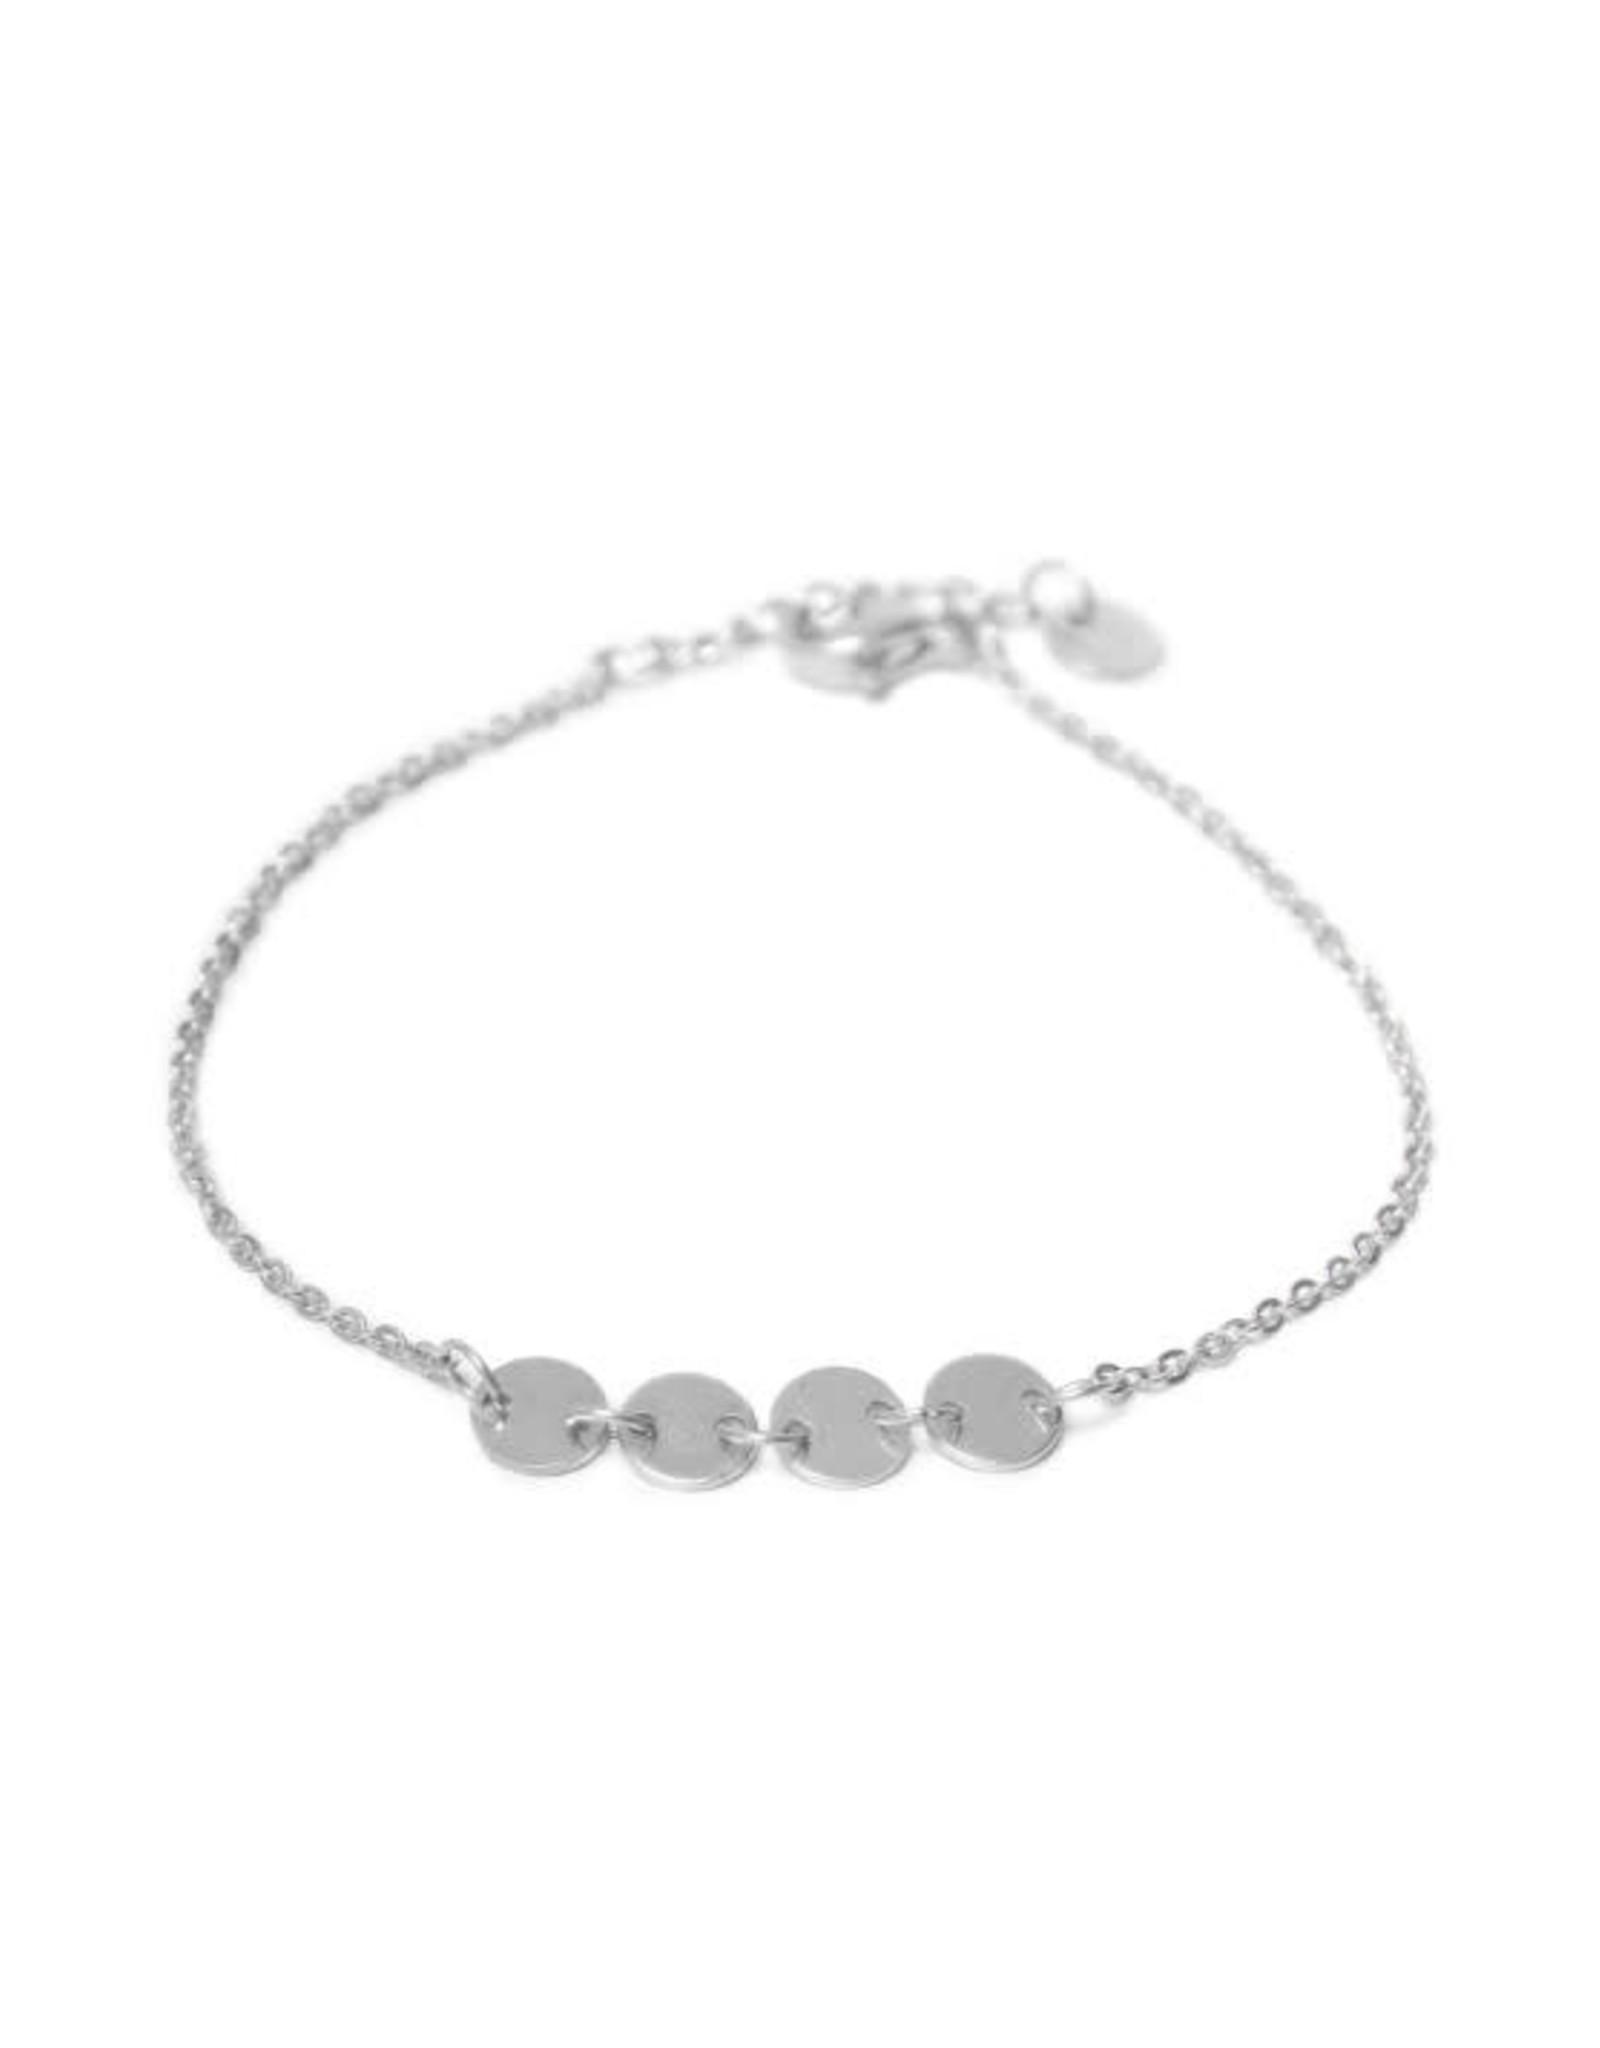 Label kiki label kiki bracelet round silver